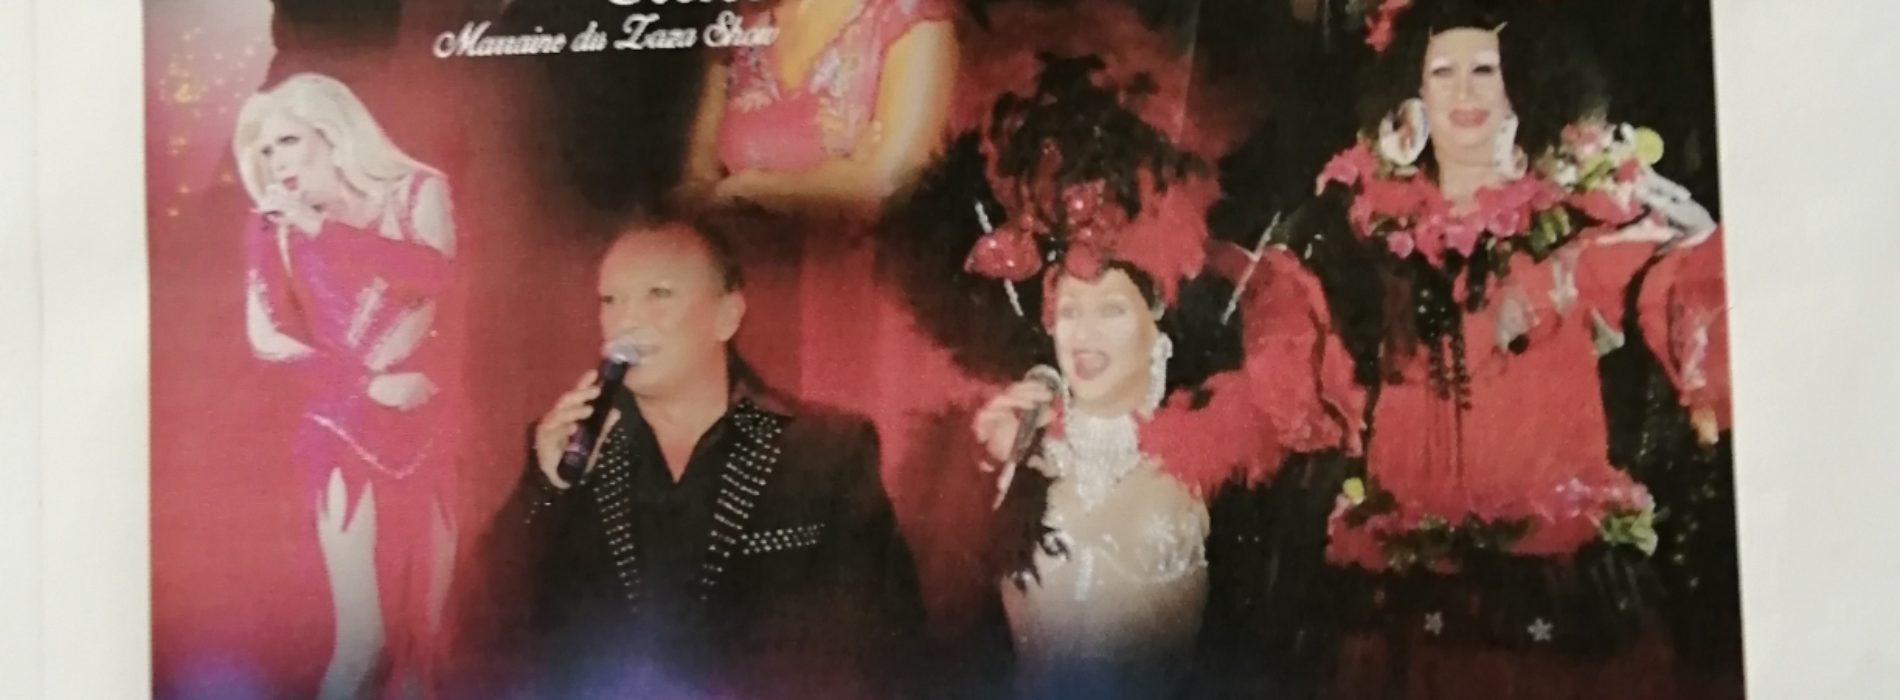 SOIREE CABARET SAMEDI 9 NOVEMBRE 2019 A L'ECLAM